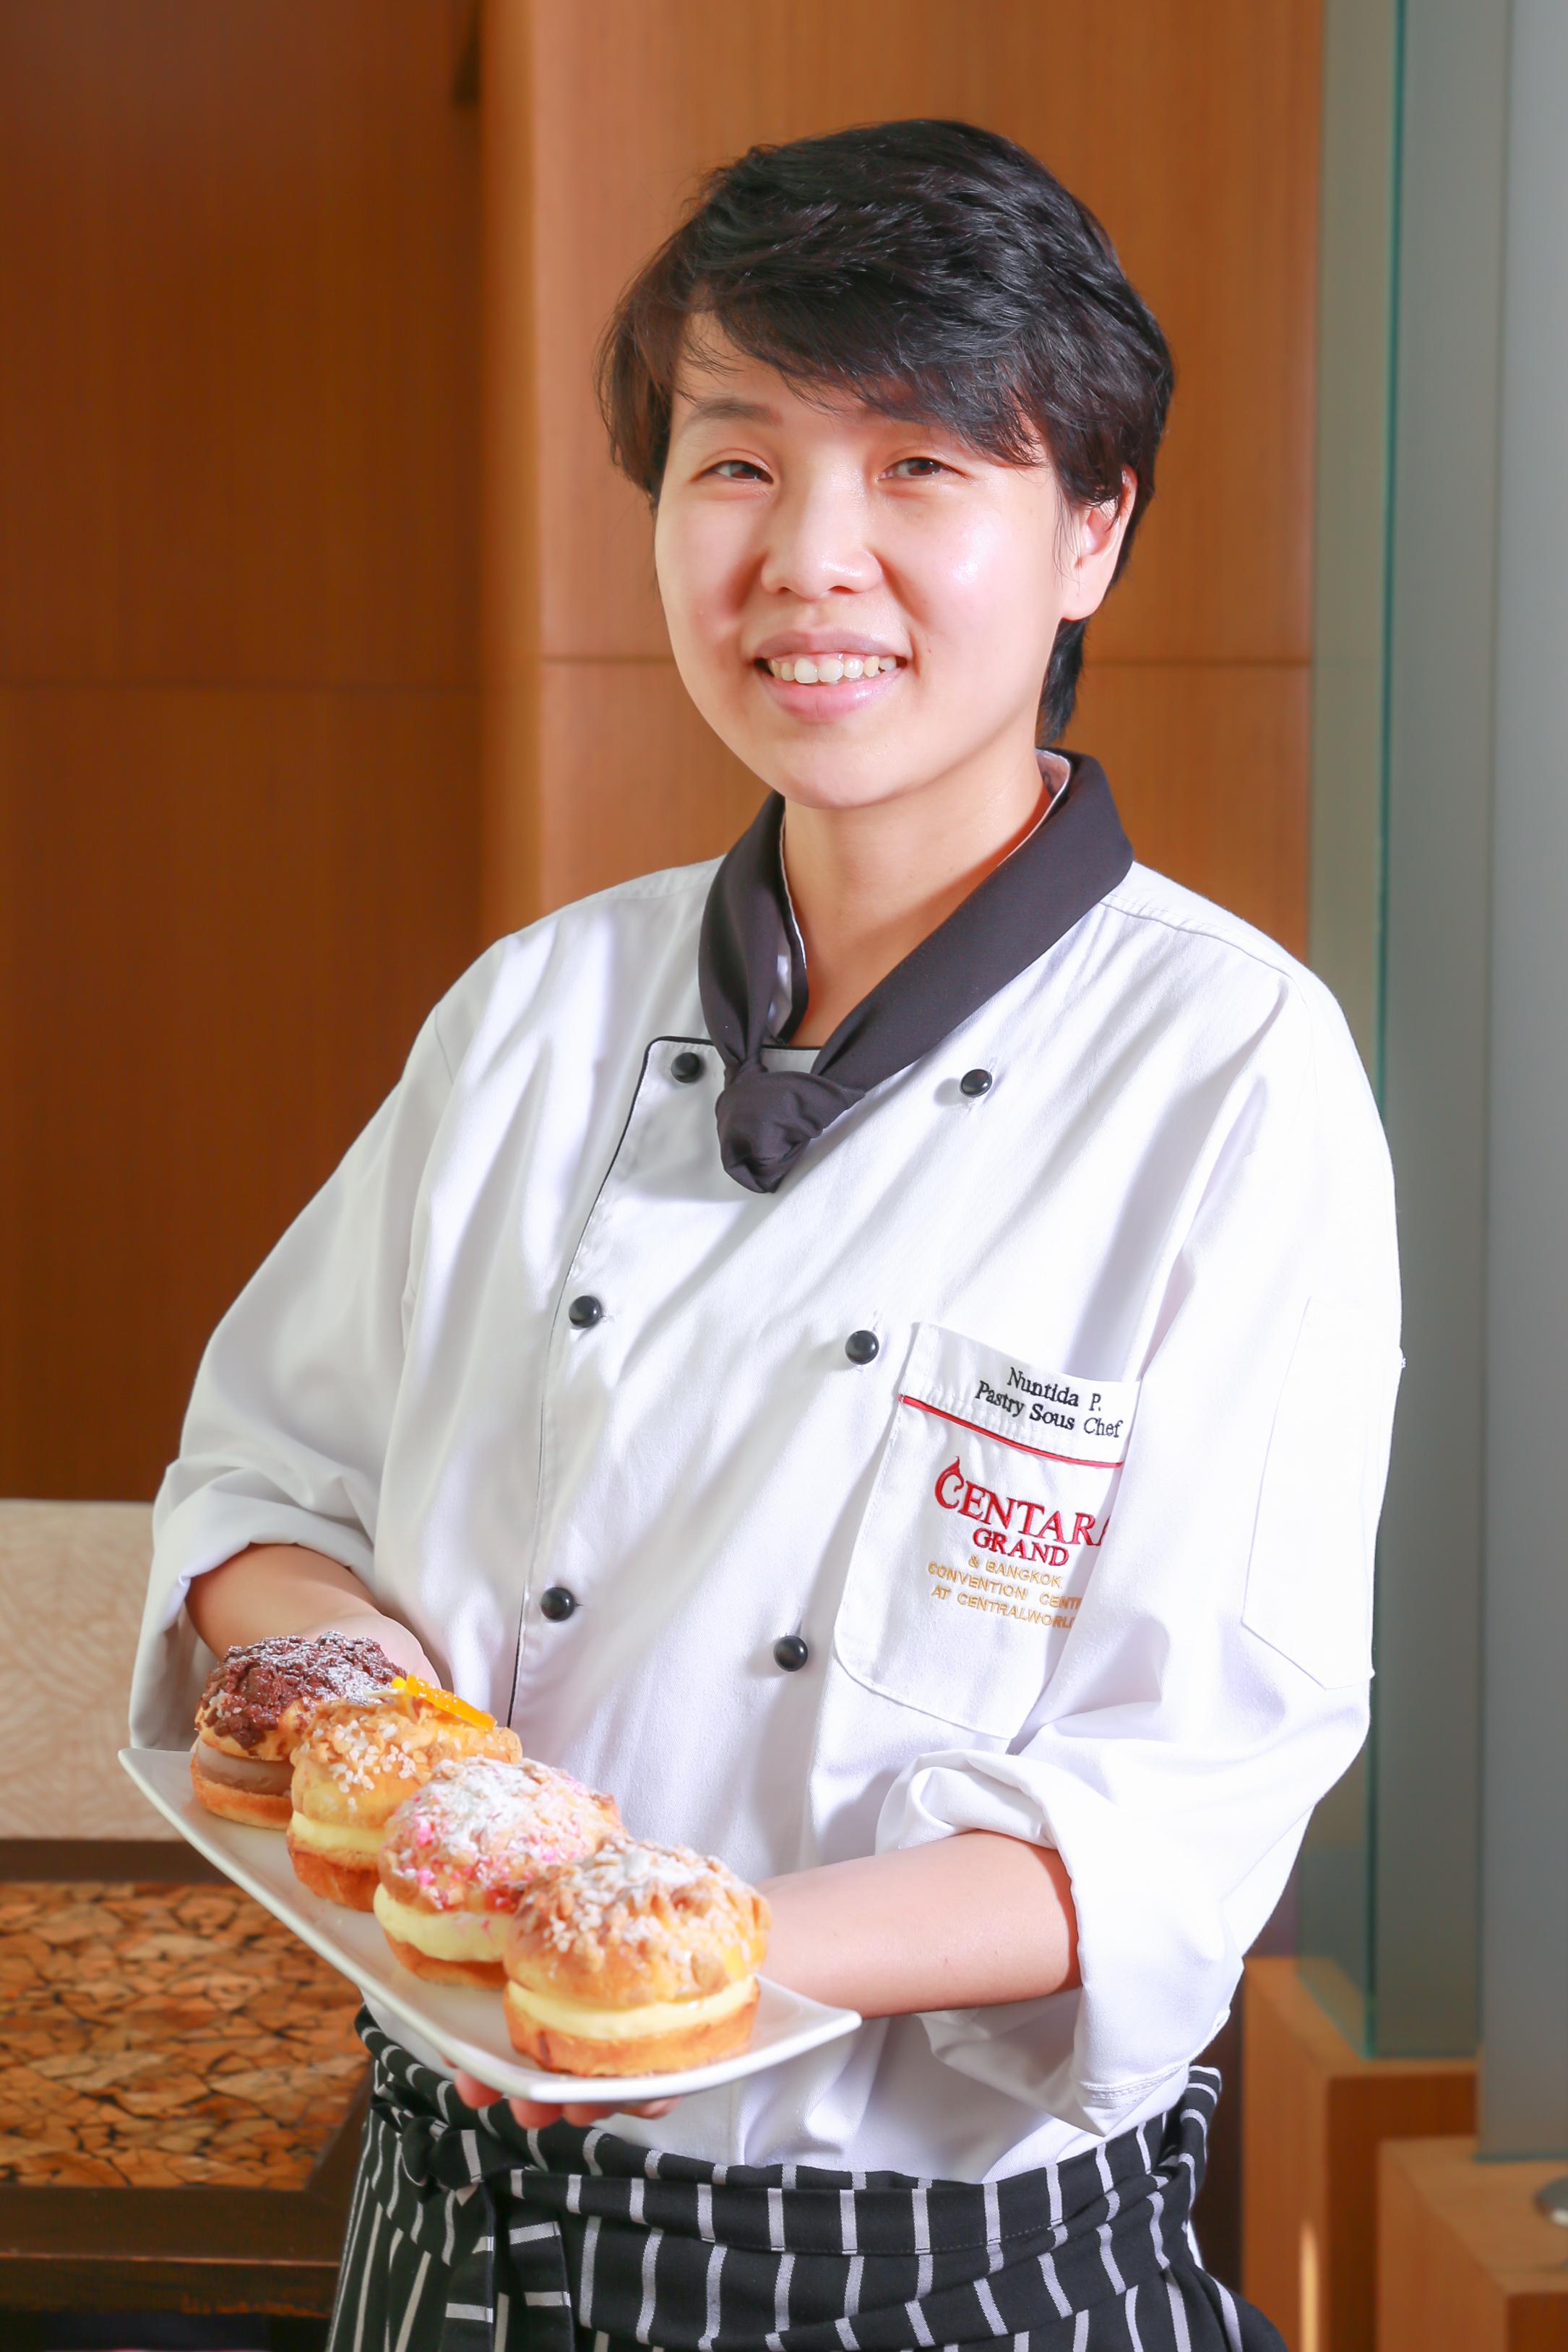 """""""แซงต์โตรแปซ์บัน"""" ขนมสไตล์ฝรั่งเศส ฝีมือ 'เชฟนก' ผู้เข้าแข่งขันท็อปเชฟประเทศไทย"""